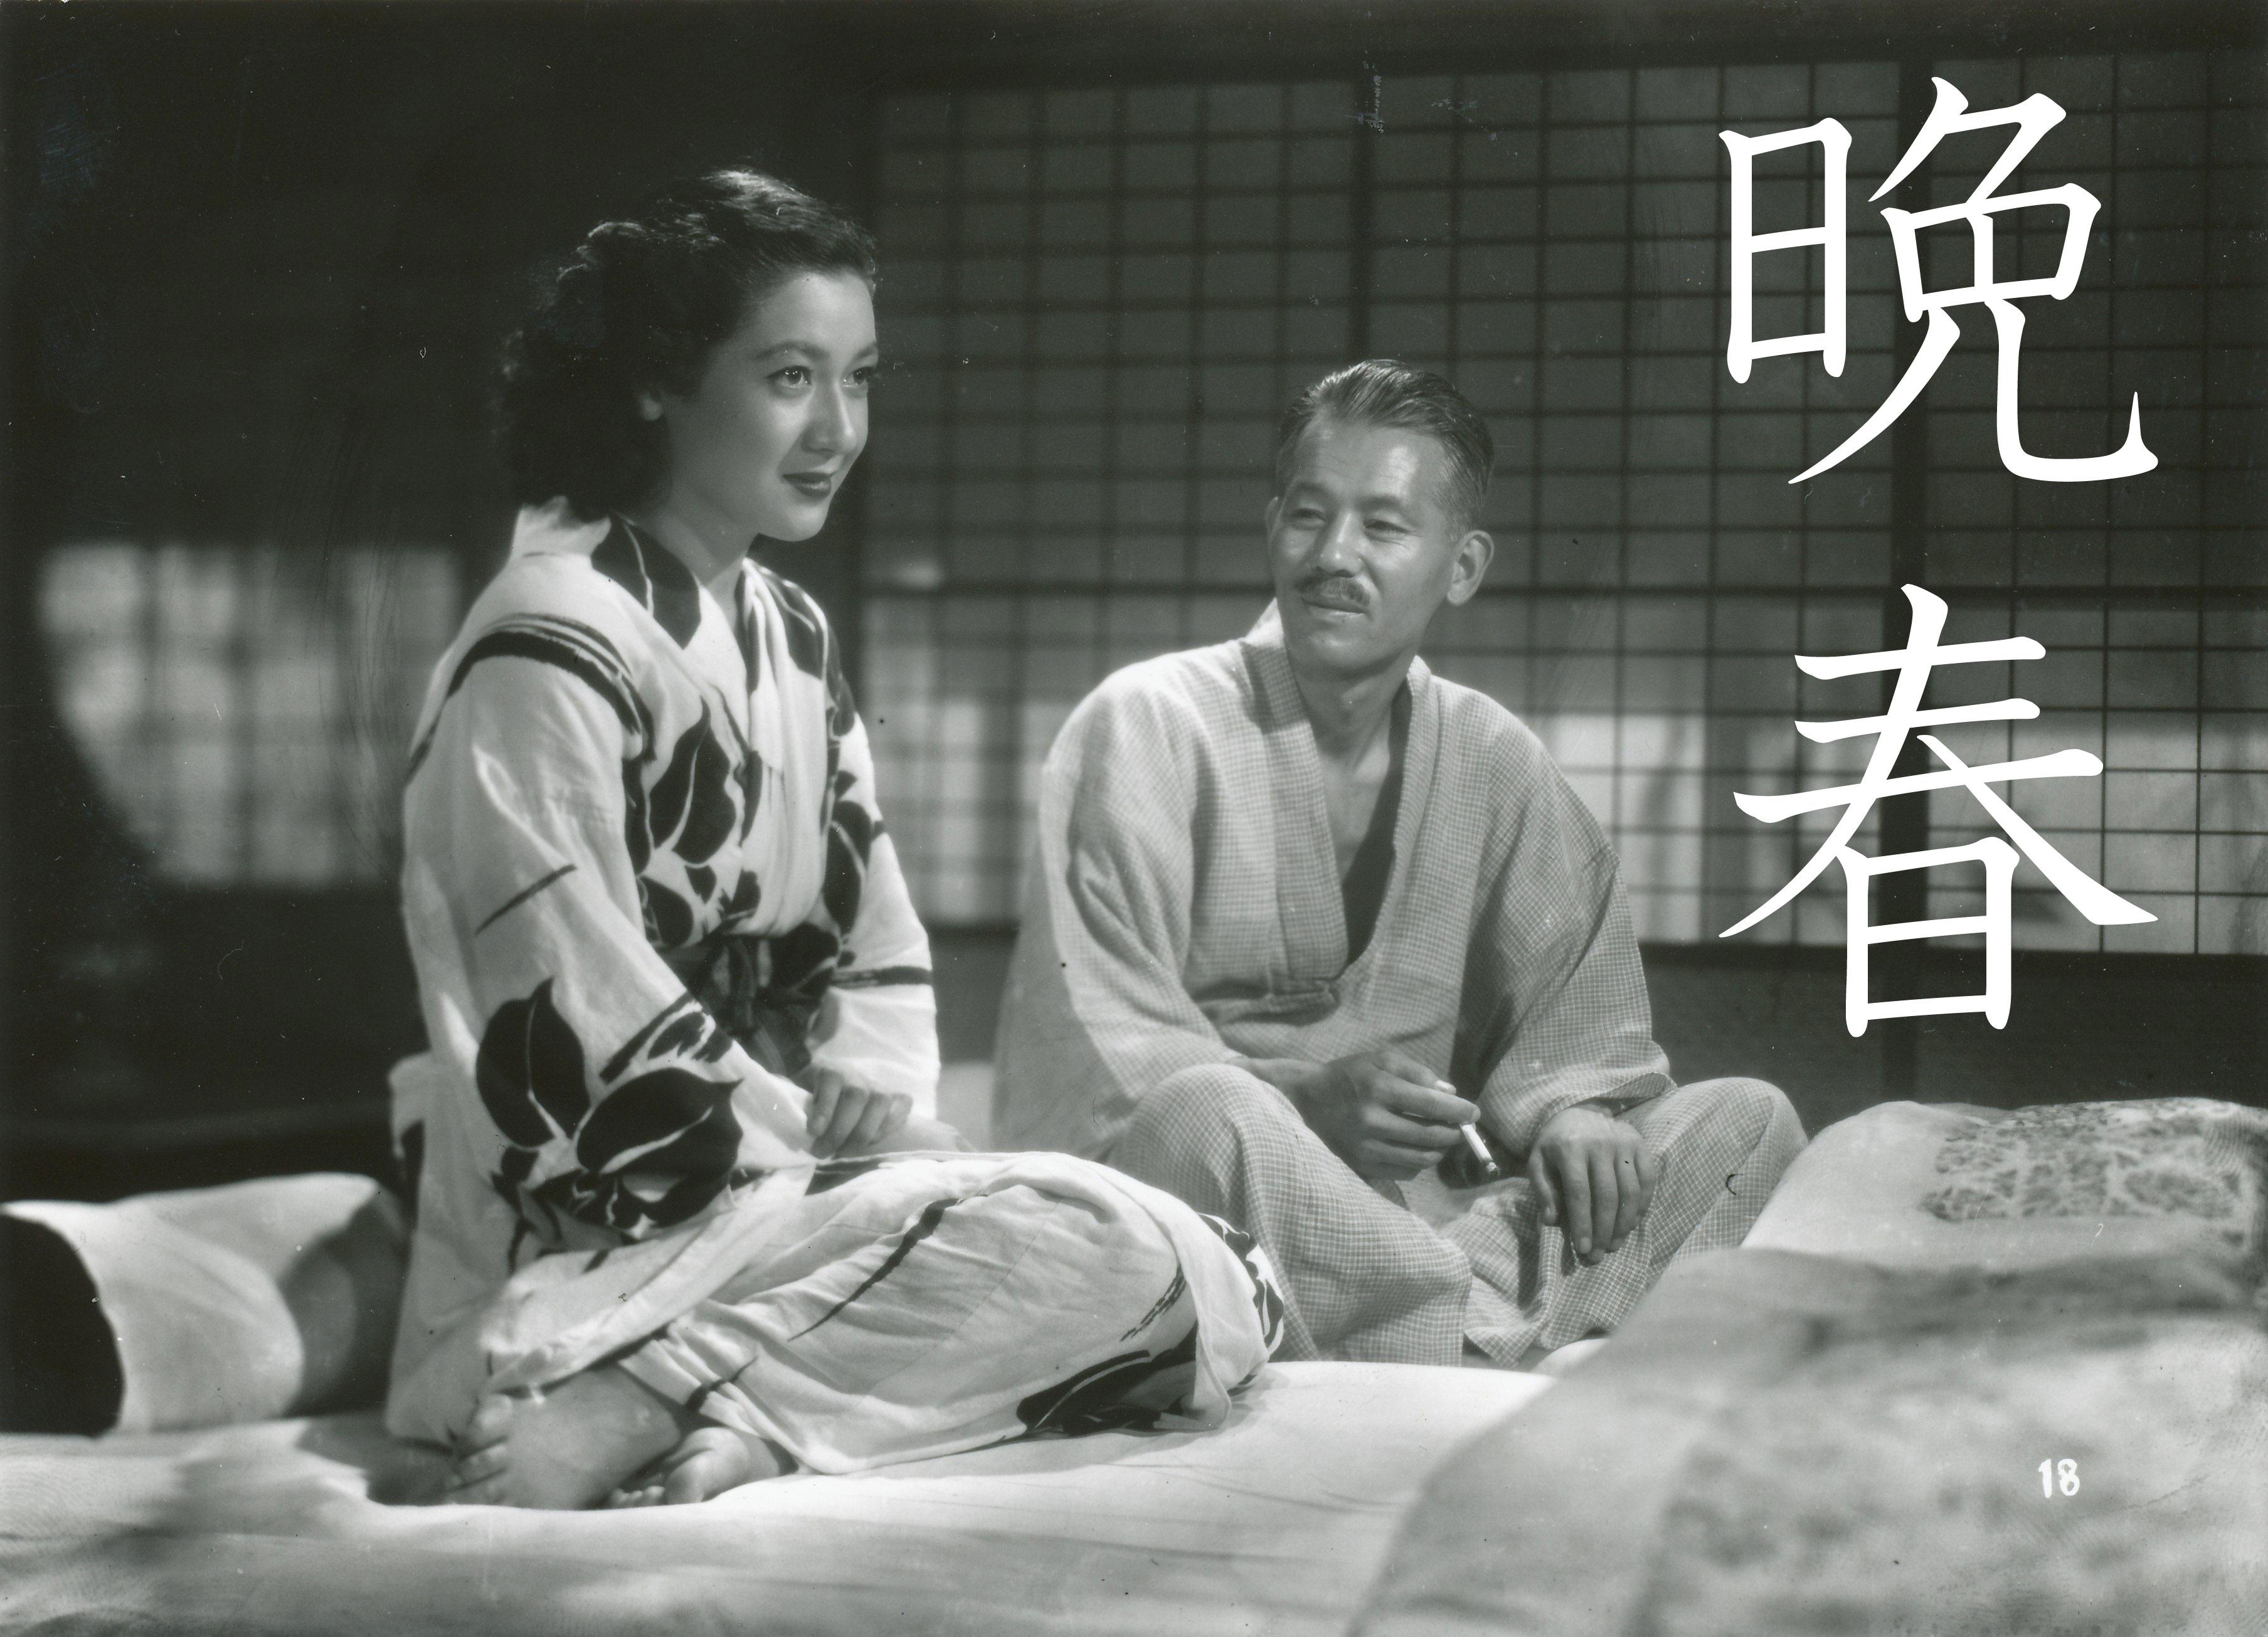 「晩春」①-(C)1949-松竹株式